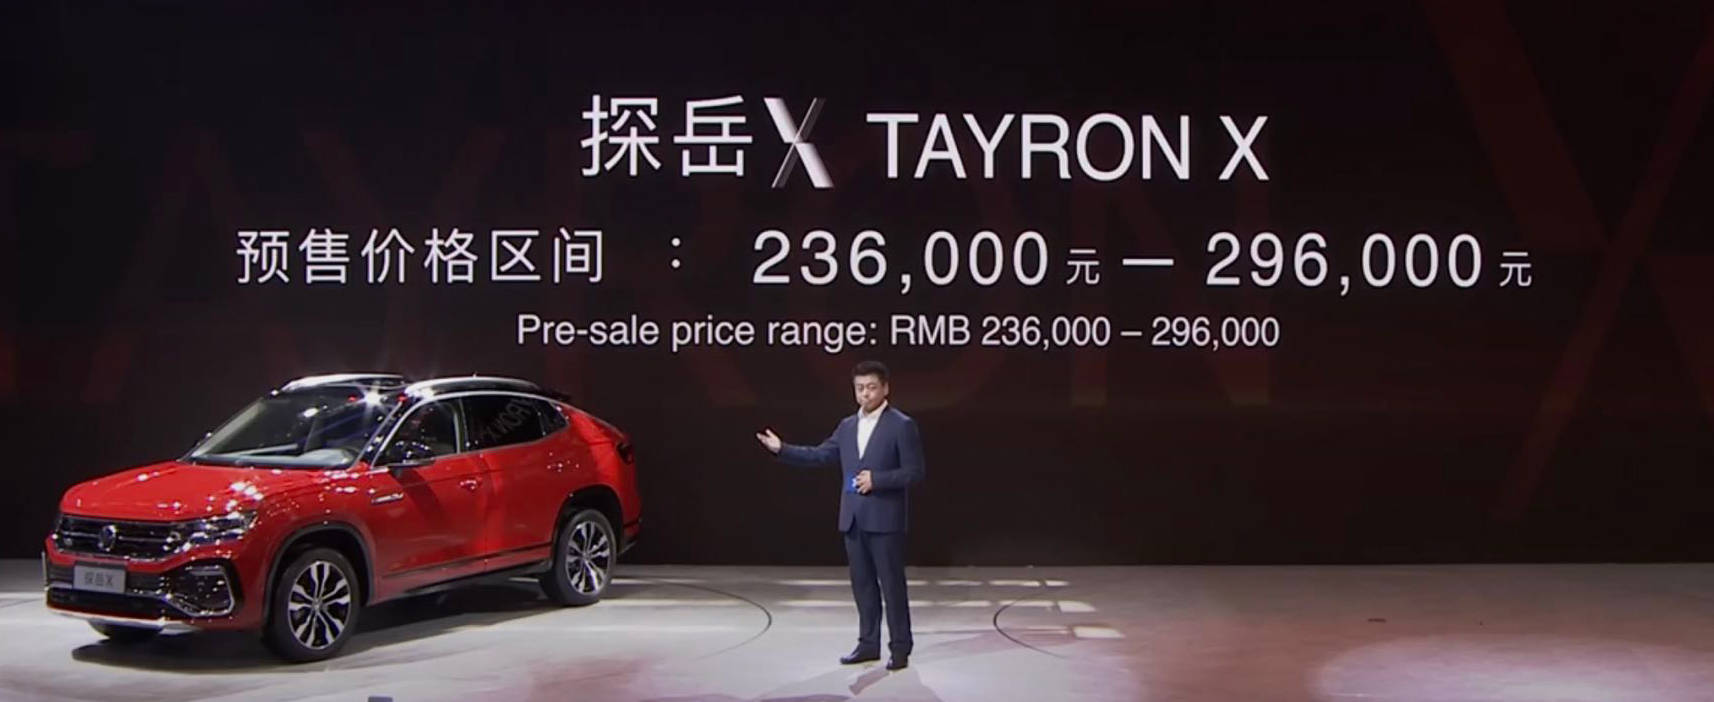 2020粤港澳大湾区车展:一汽大众探索岳X预售23.6万